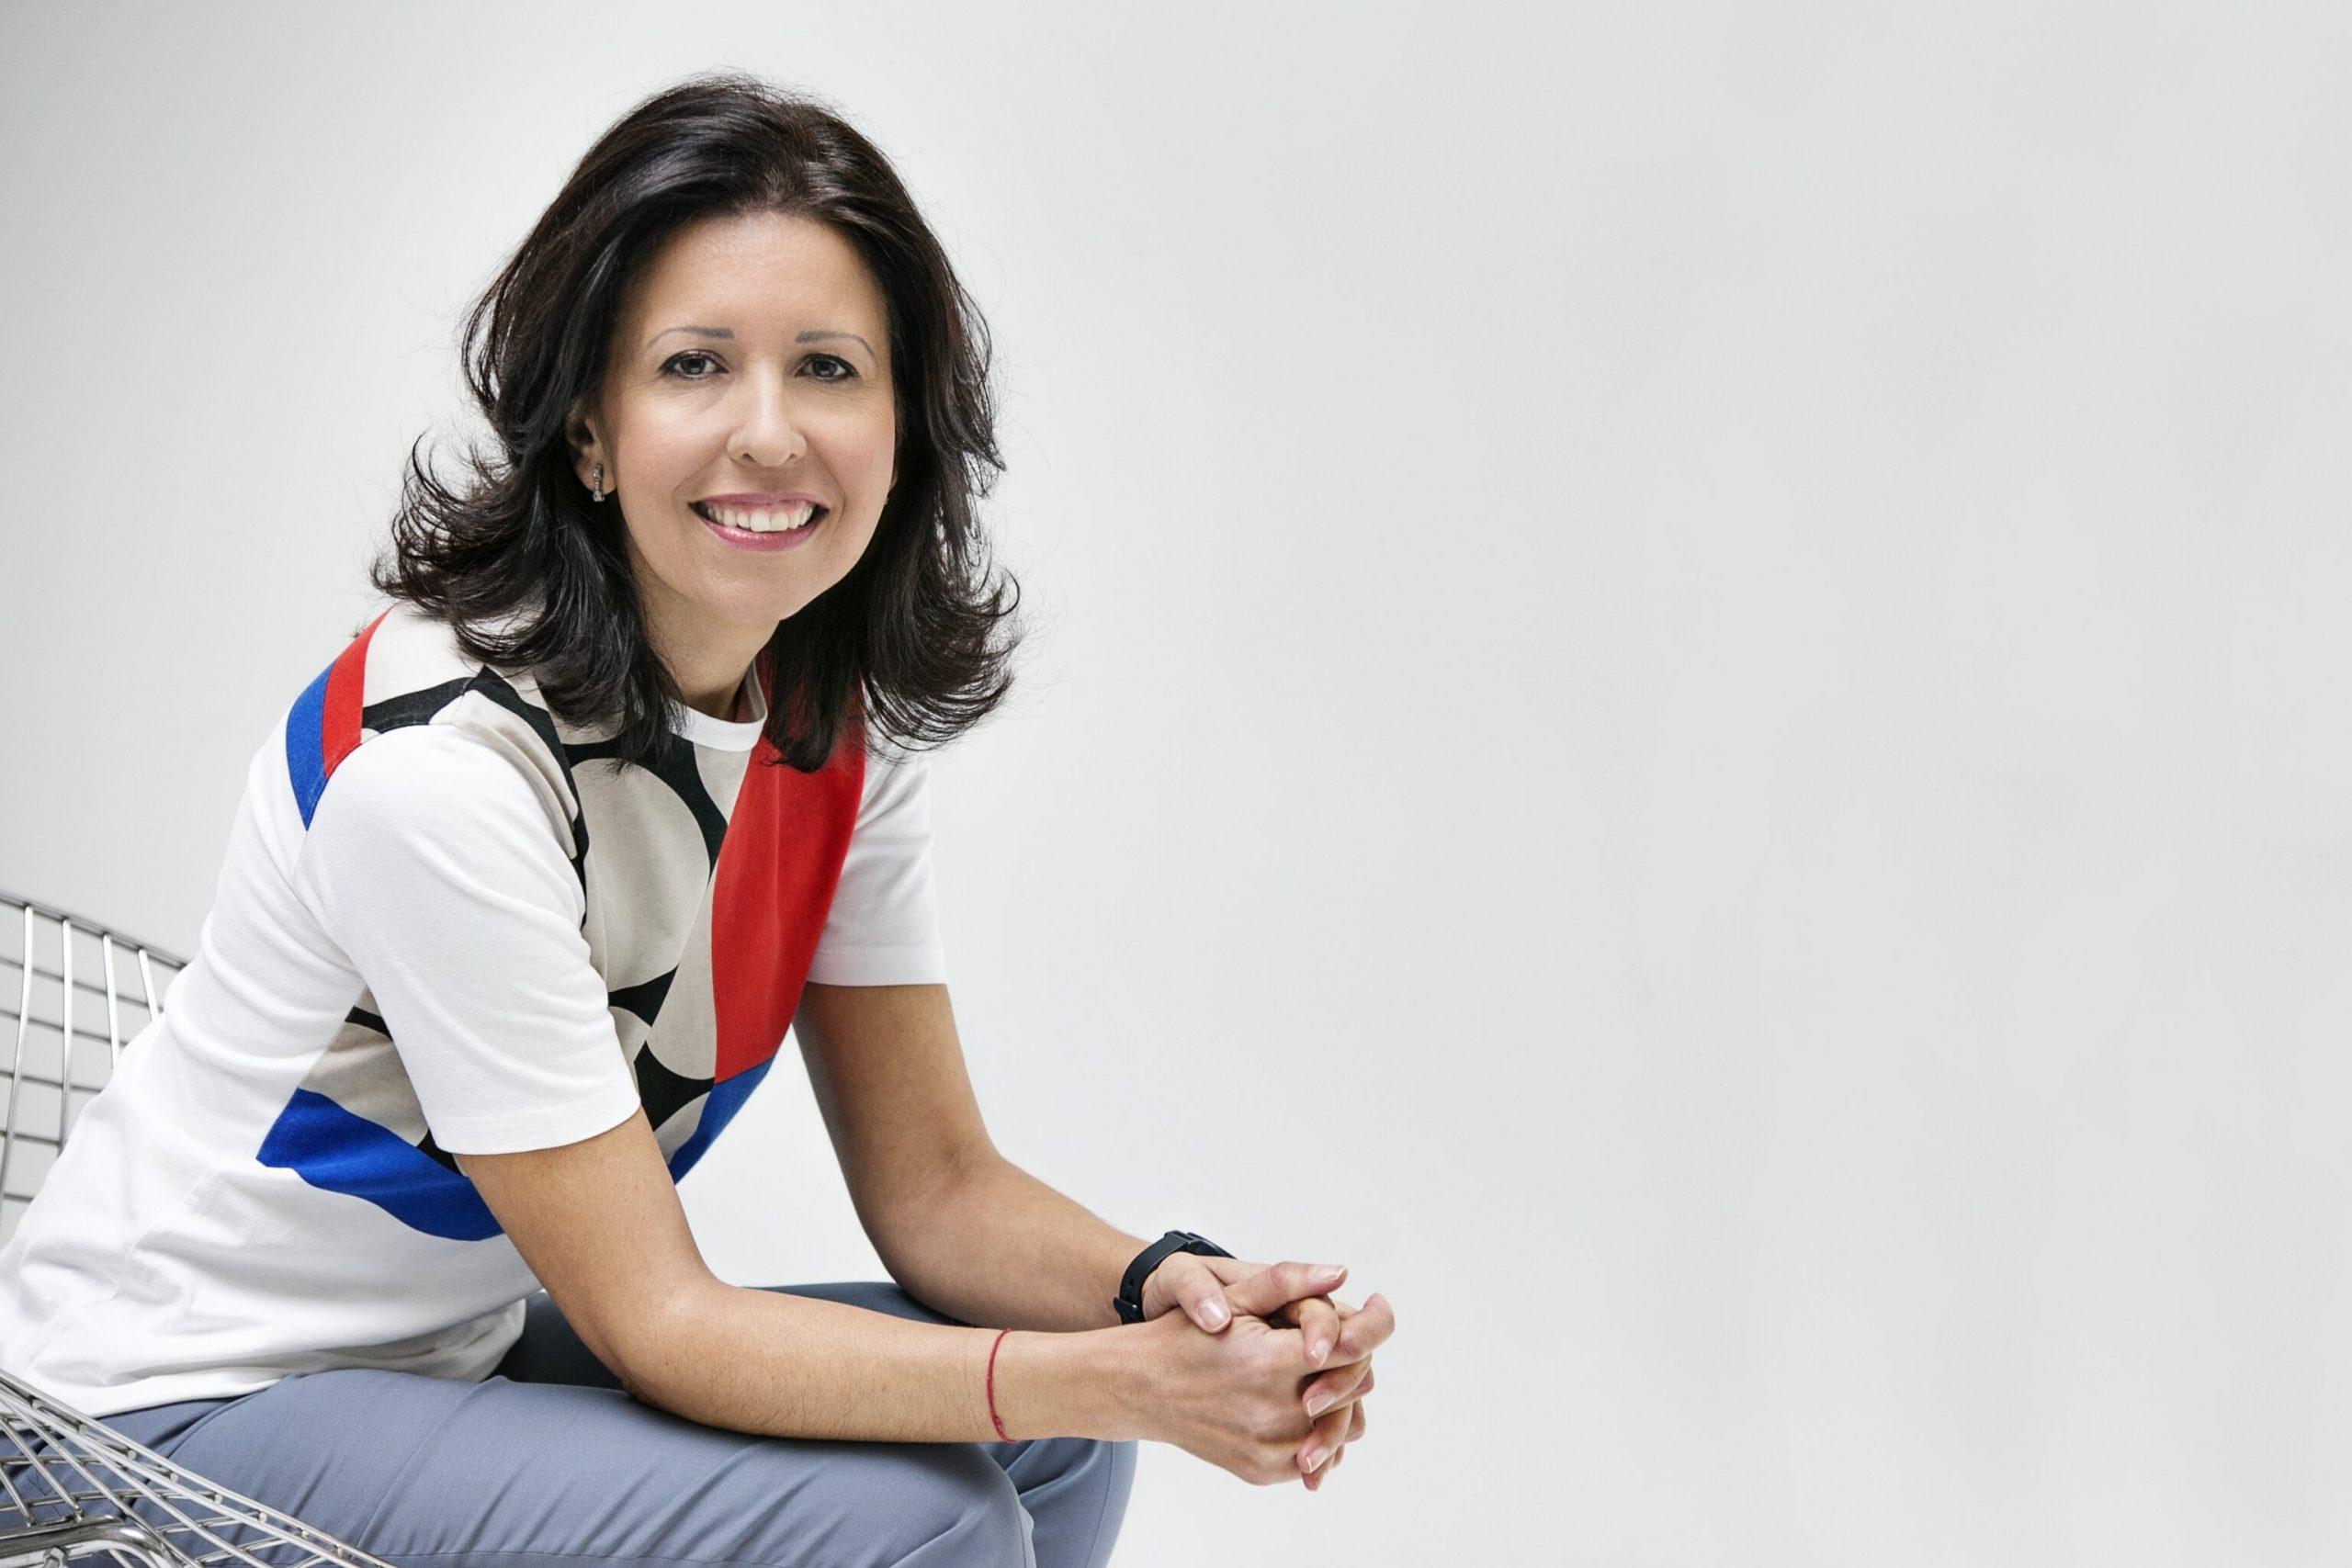 elena méndez